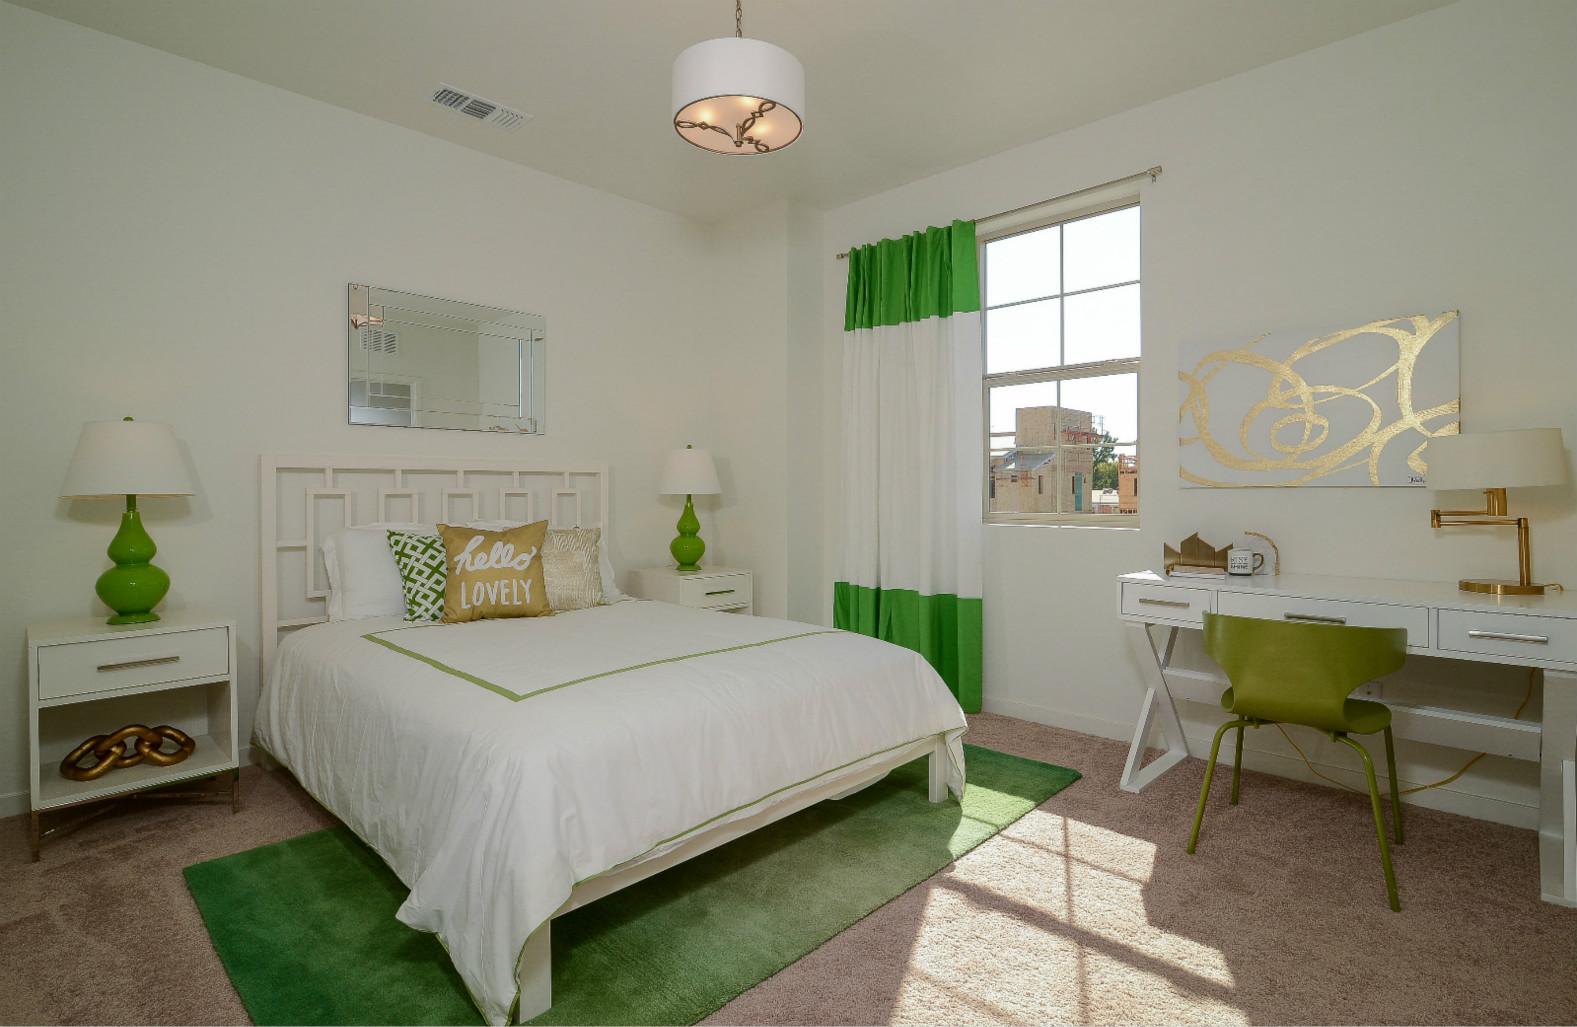 白色使得卧室看起来干净整洁,绿色的装饰是亮点,提亮了卧室亮度的同时也让人觉得很清新。